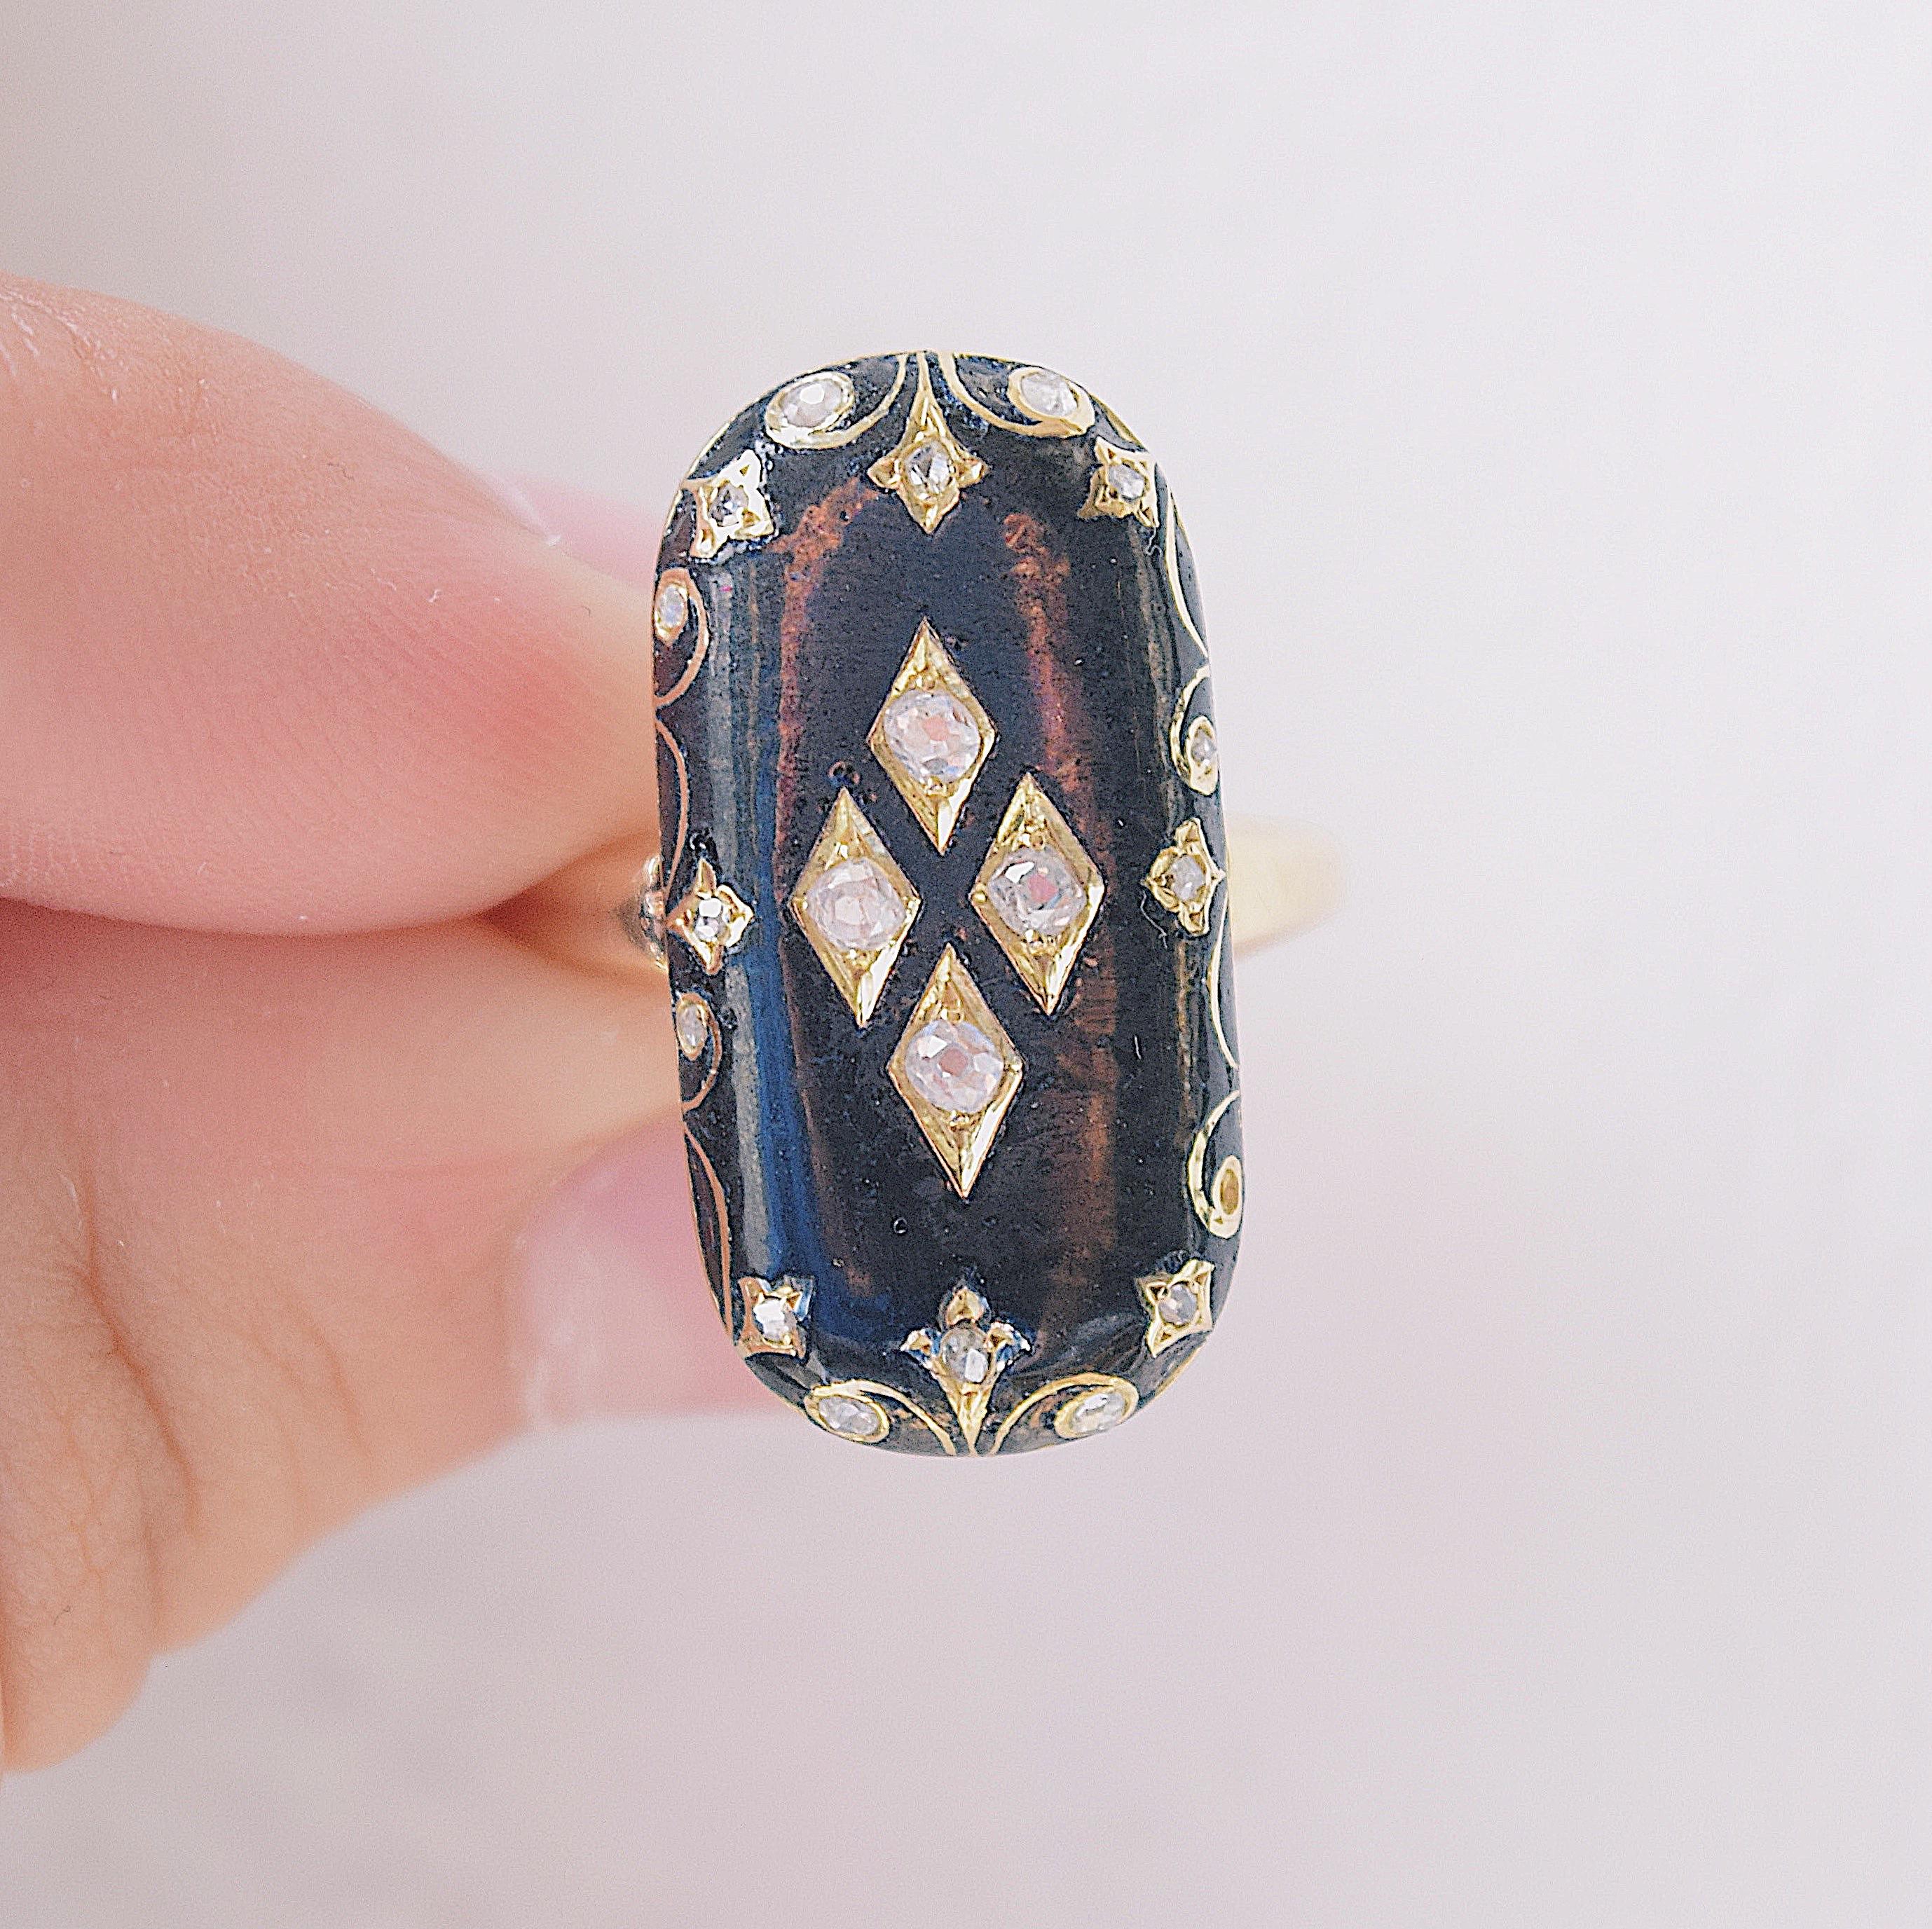 טבעת אובלית, זהב 18k, עם אמייל שחור ויהלומים.